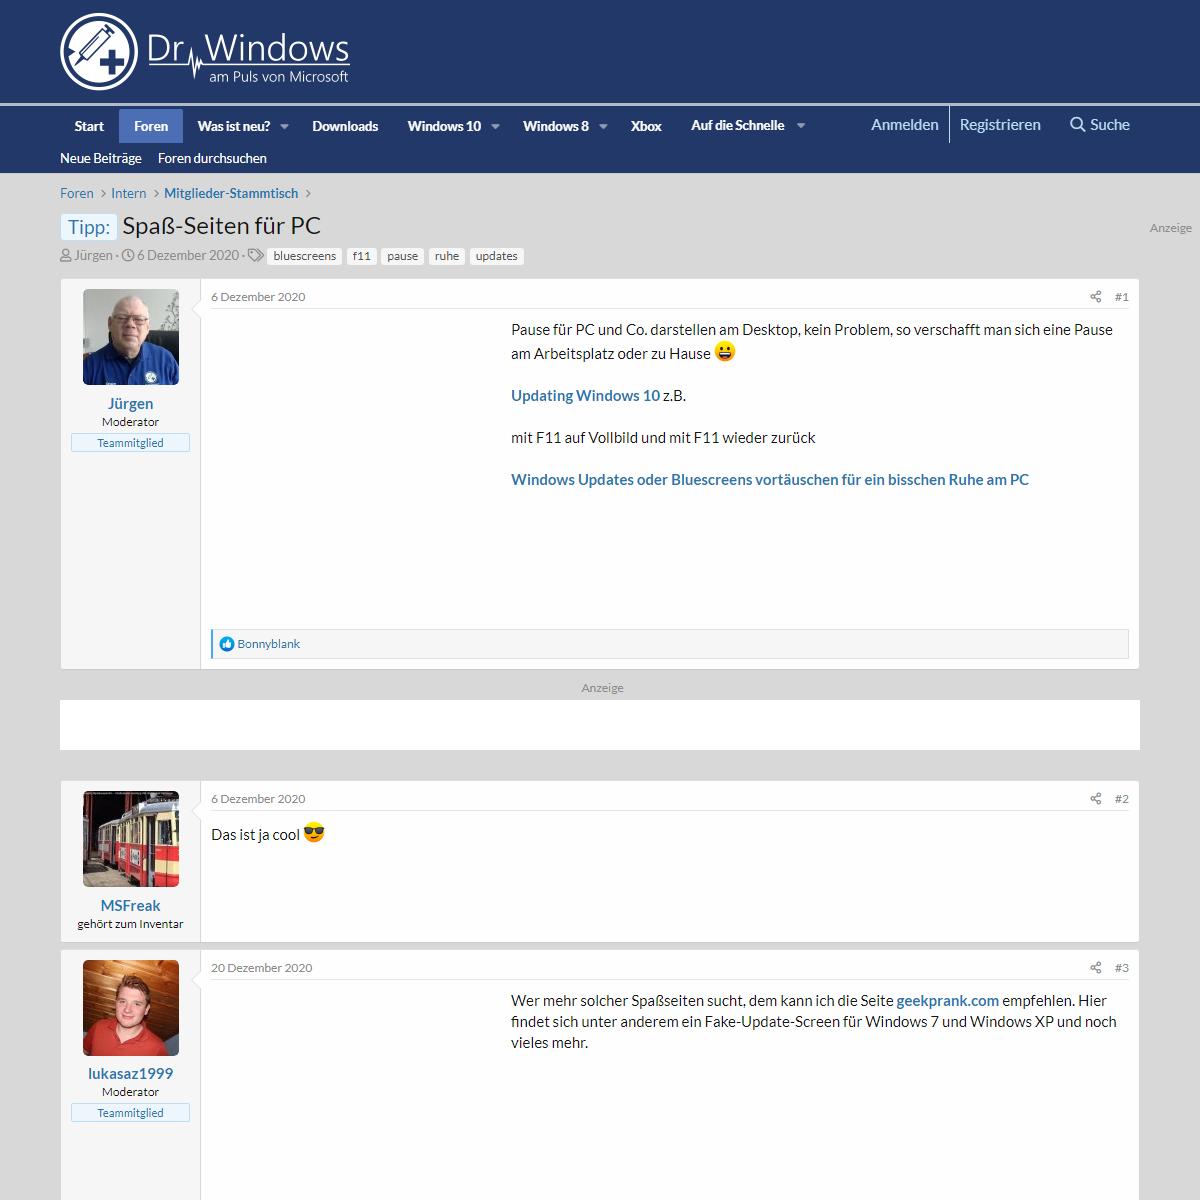 Tipp- - Spaß-Seiten für PC - Dr. Windows